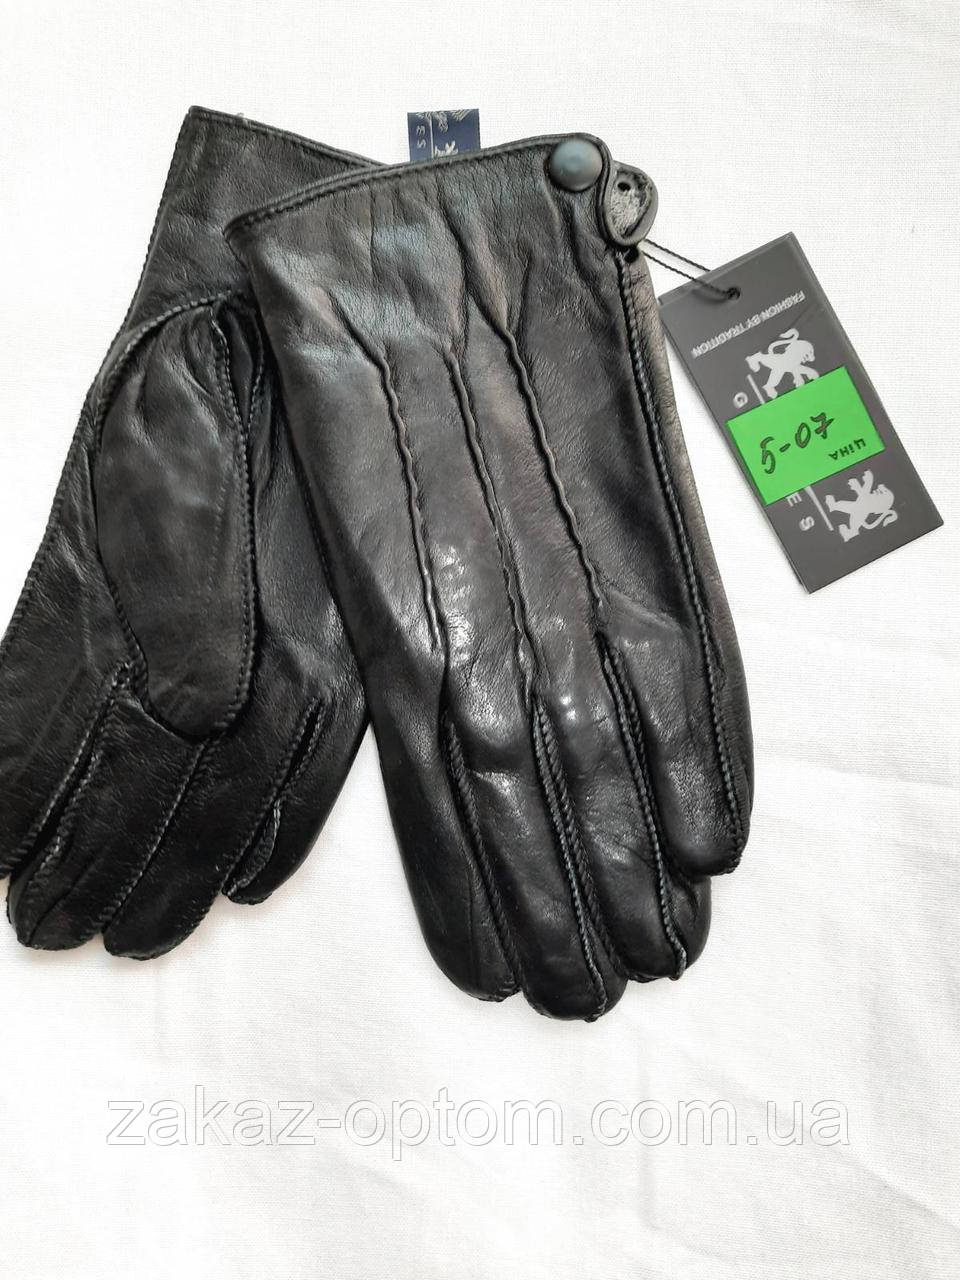 Мужские перчатки оптом кожа внутри плюшевая махра(10,5-12,5)Румыния 5-07-63219